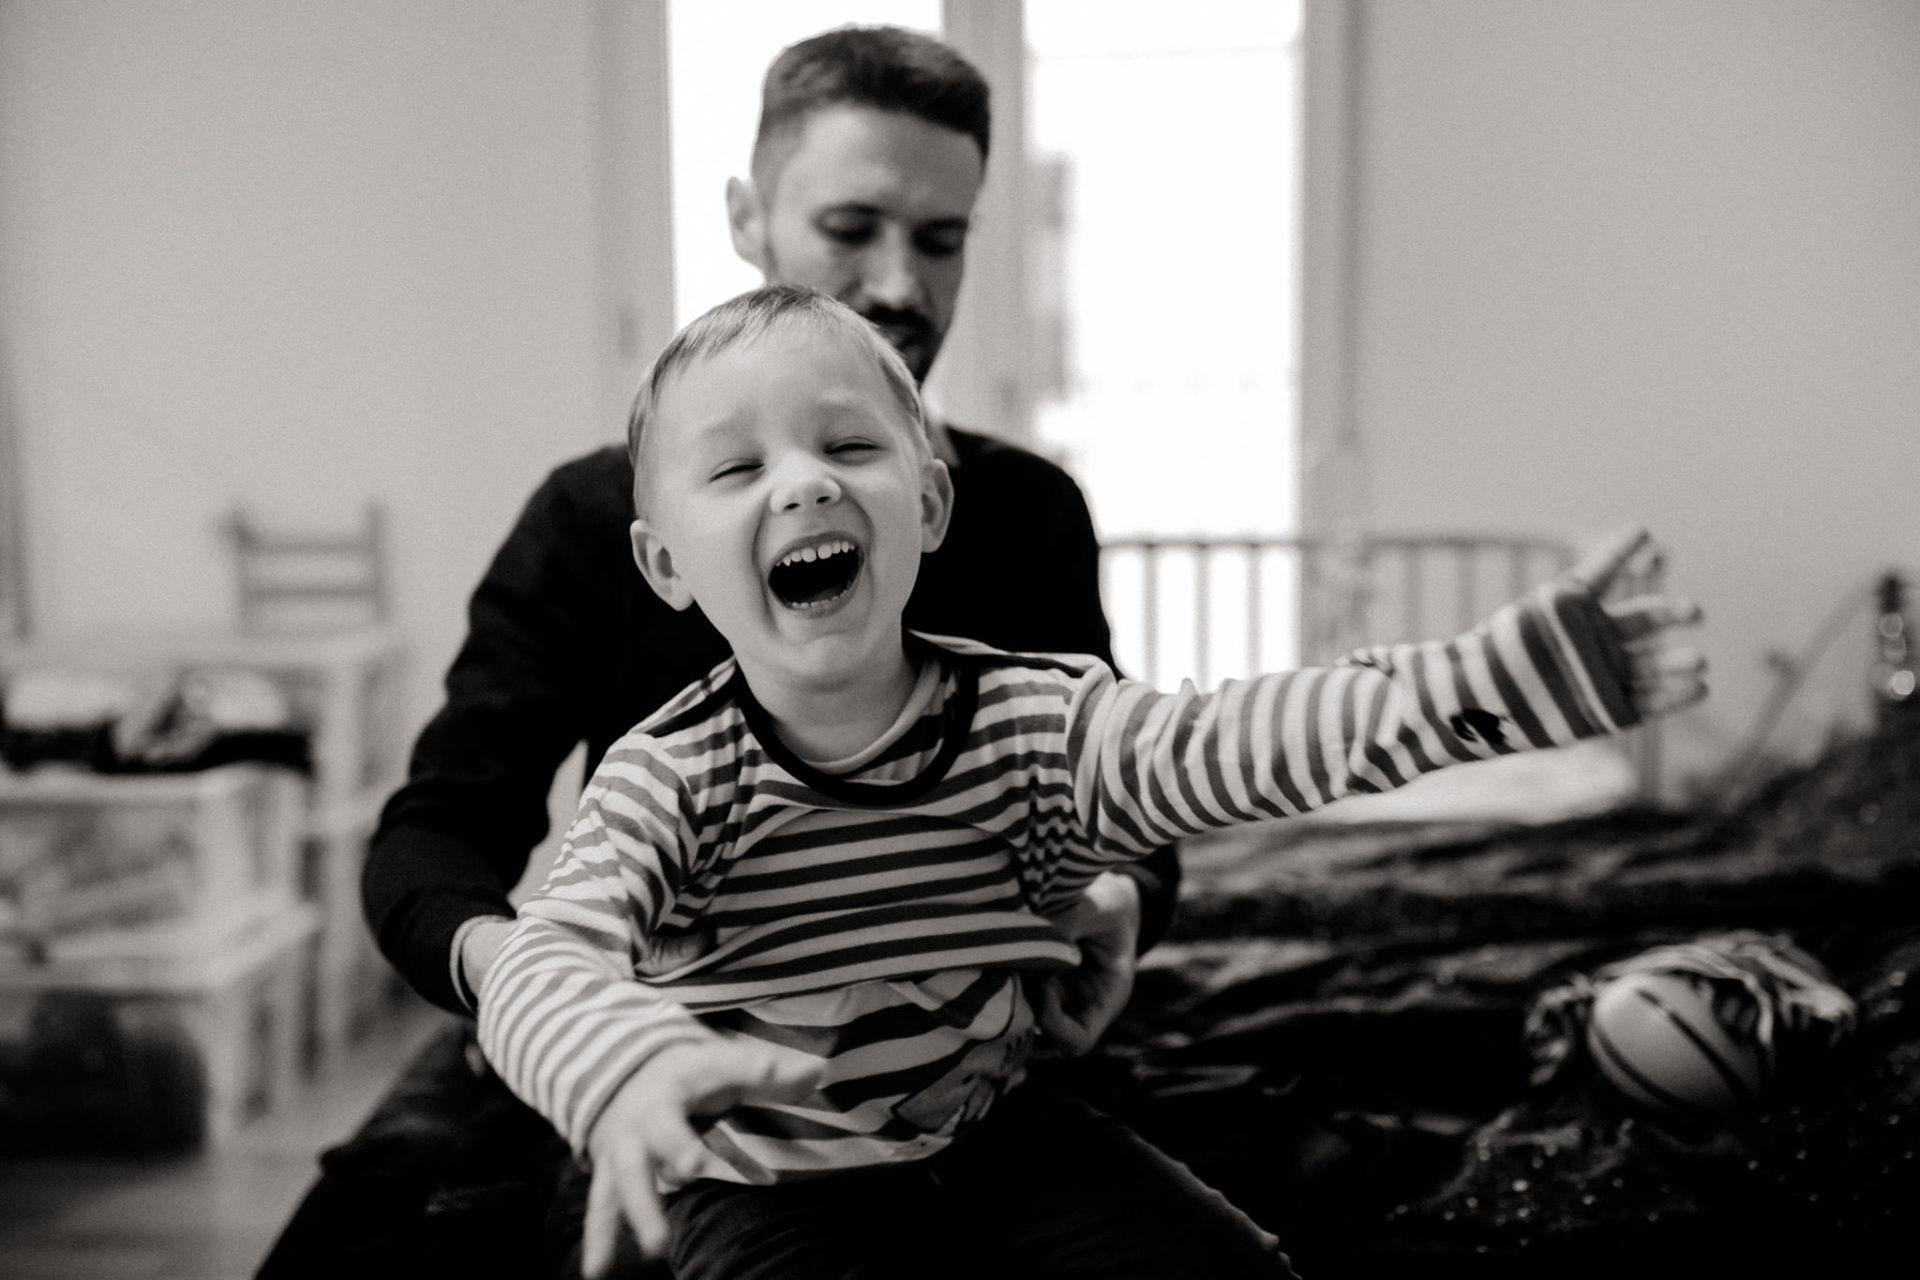 familienfotografie-mainz-journalistische-kinderbilder-papa-zieht-sohn-um-froehliches-lachen-schwarzweiss